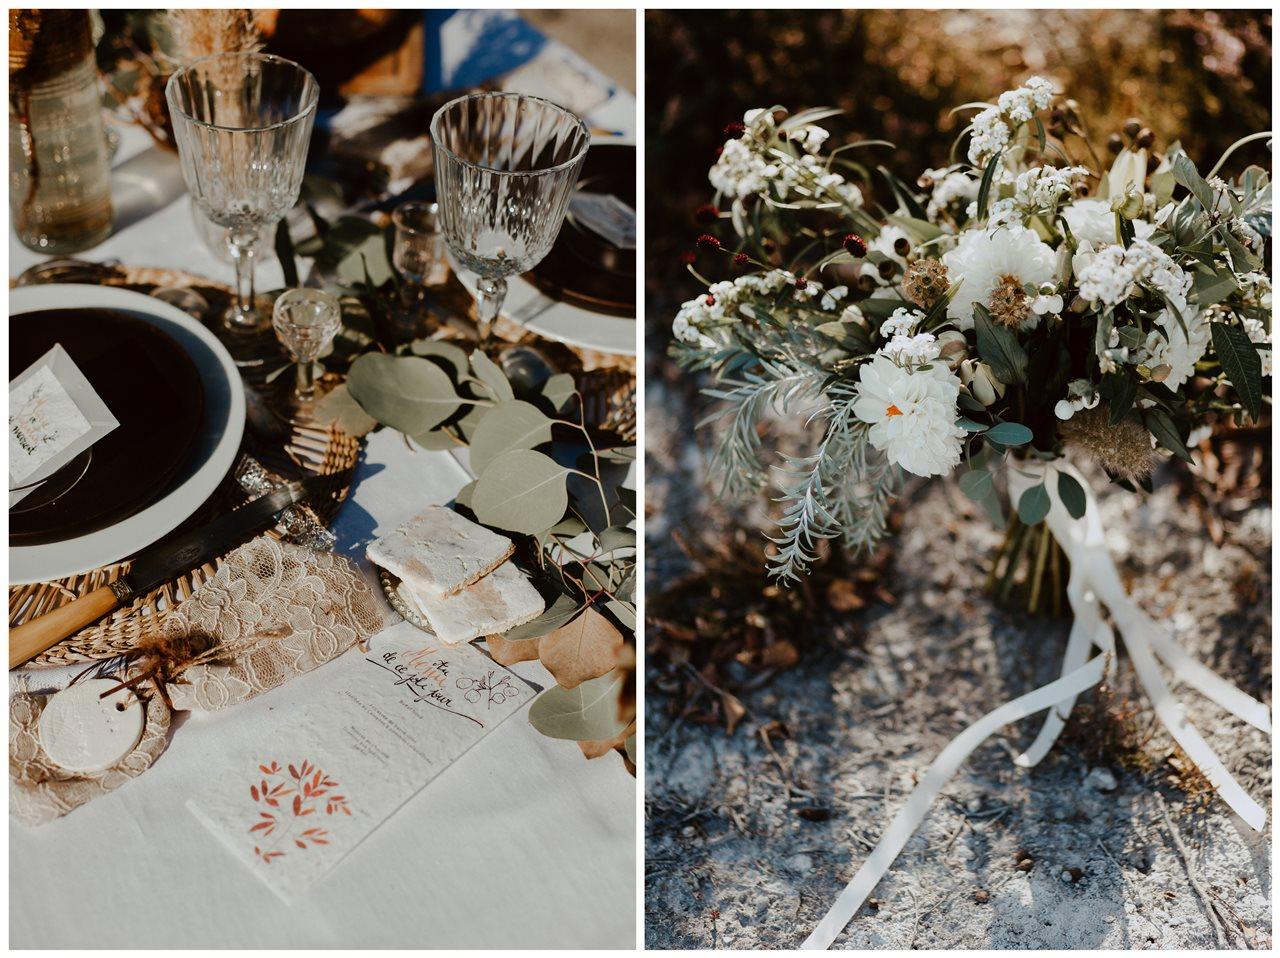 mariage nude table céramique invité LPDV bouquet mariée Blodie bonnor